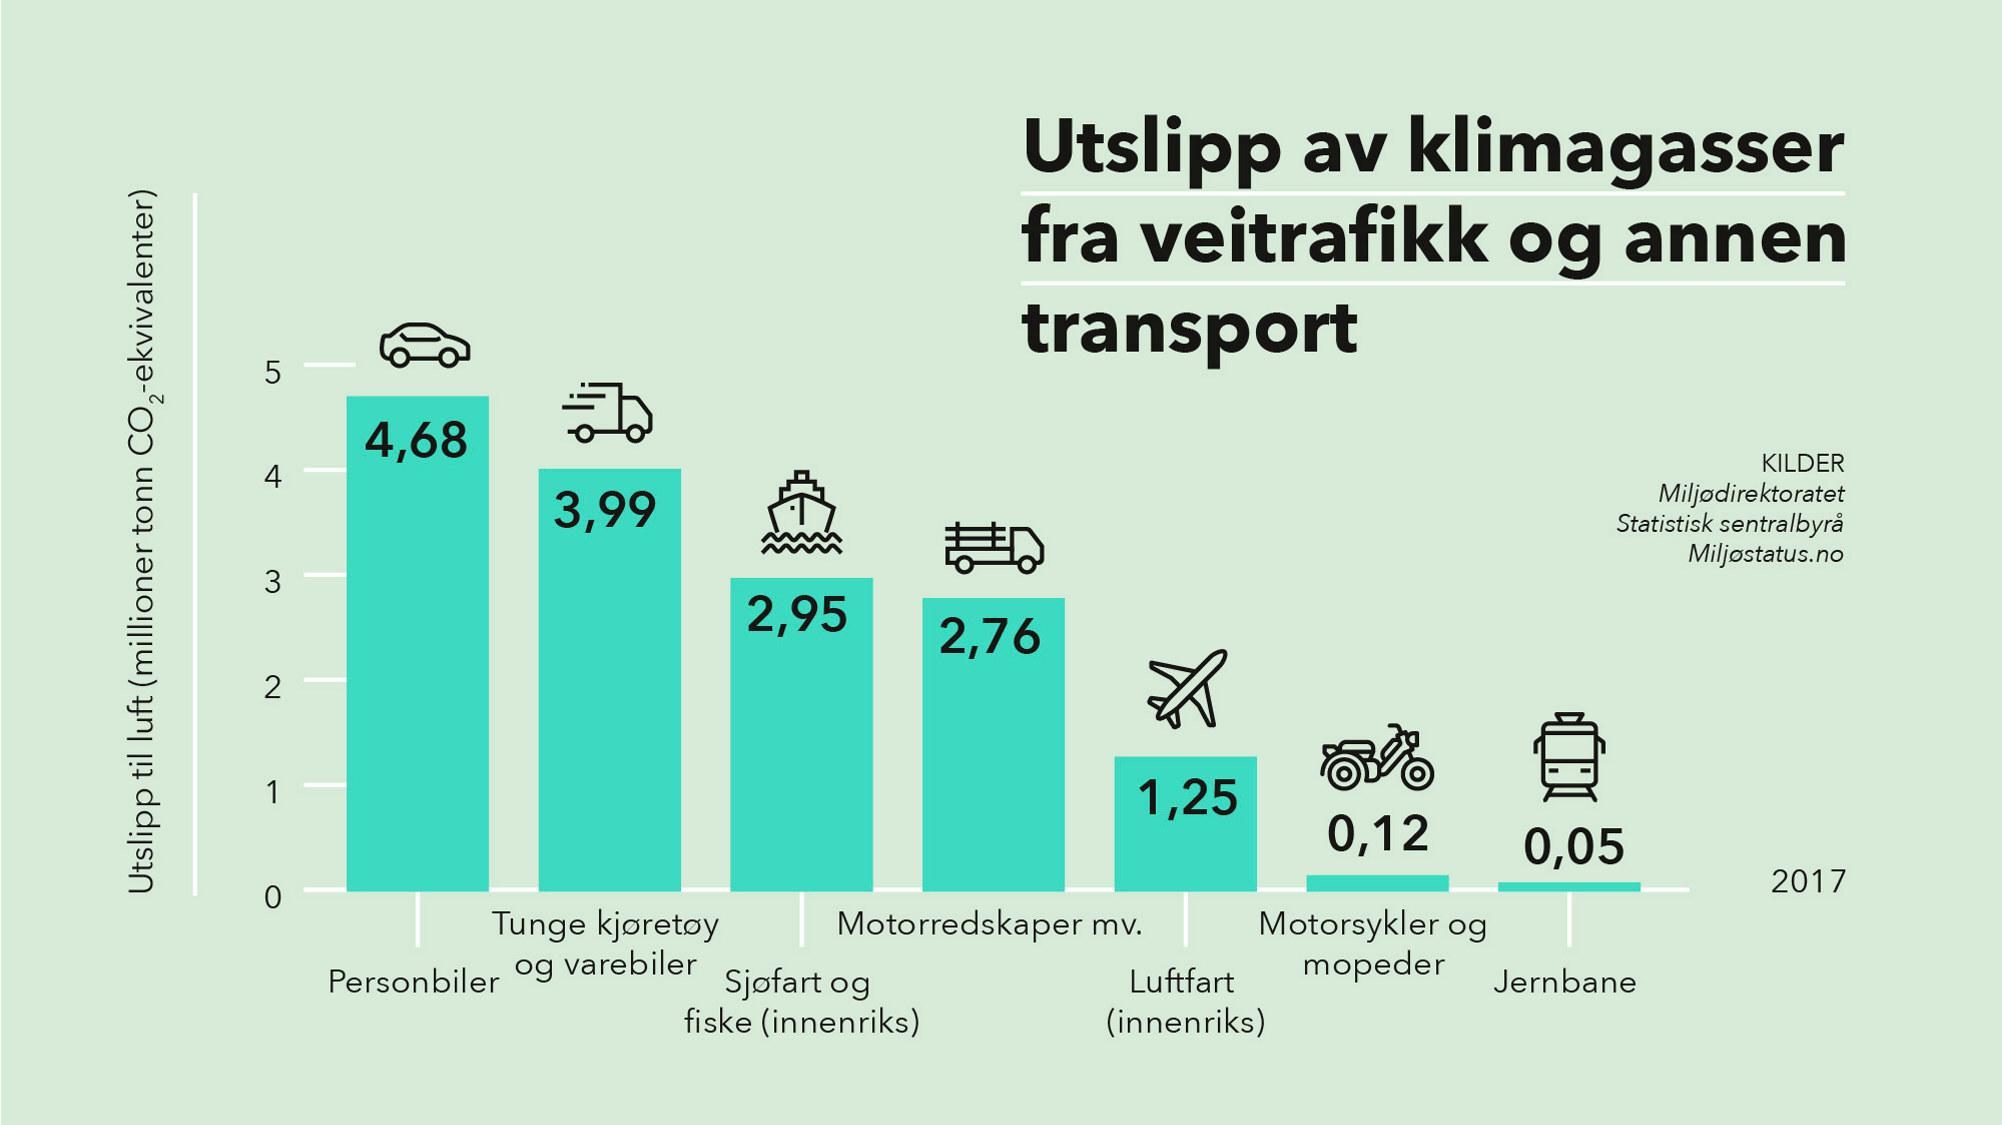 Utslipp av klimagasser fra veitrafikk og annen transport